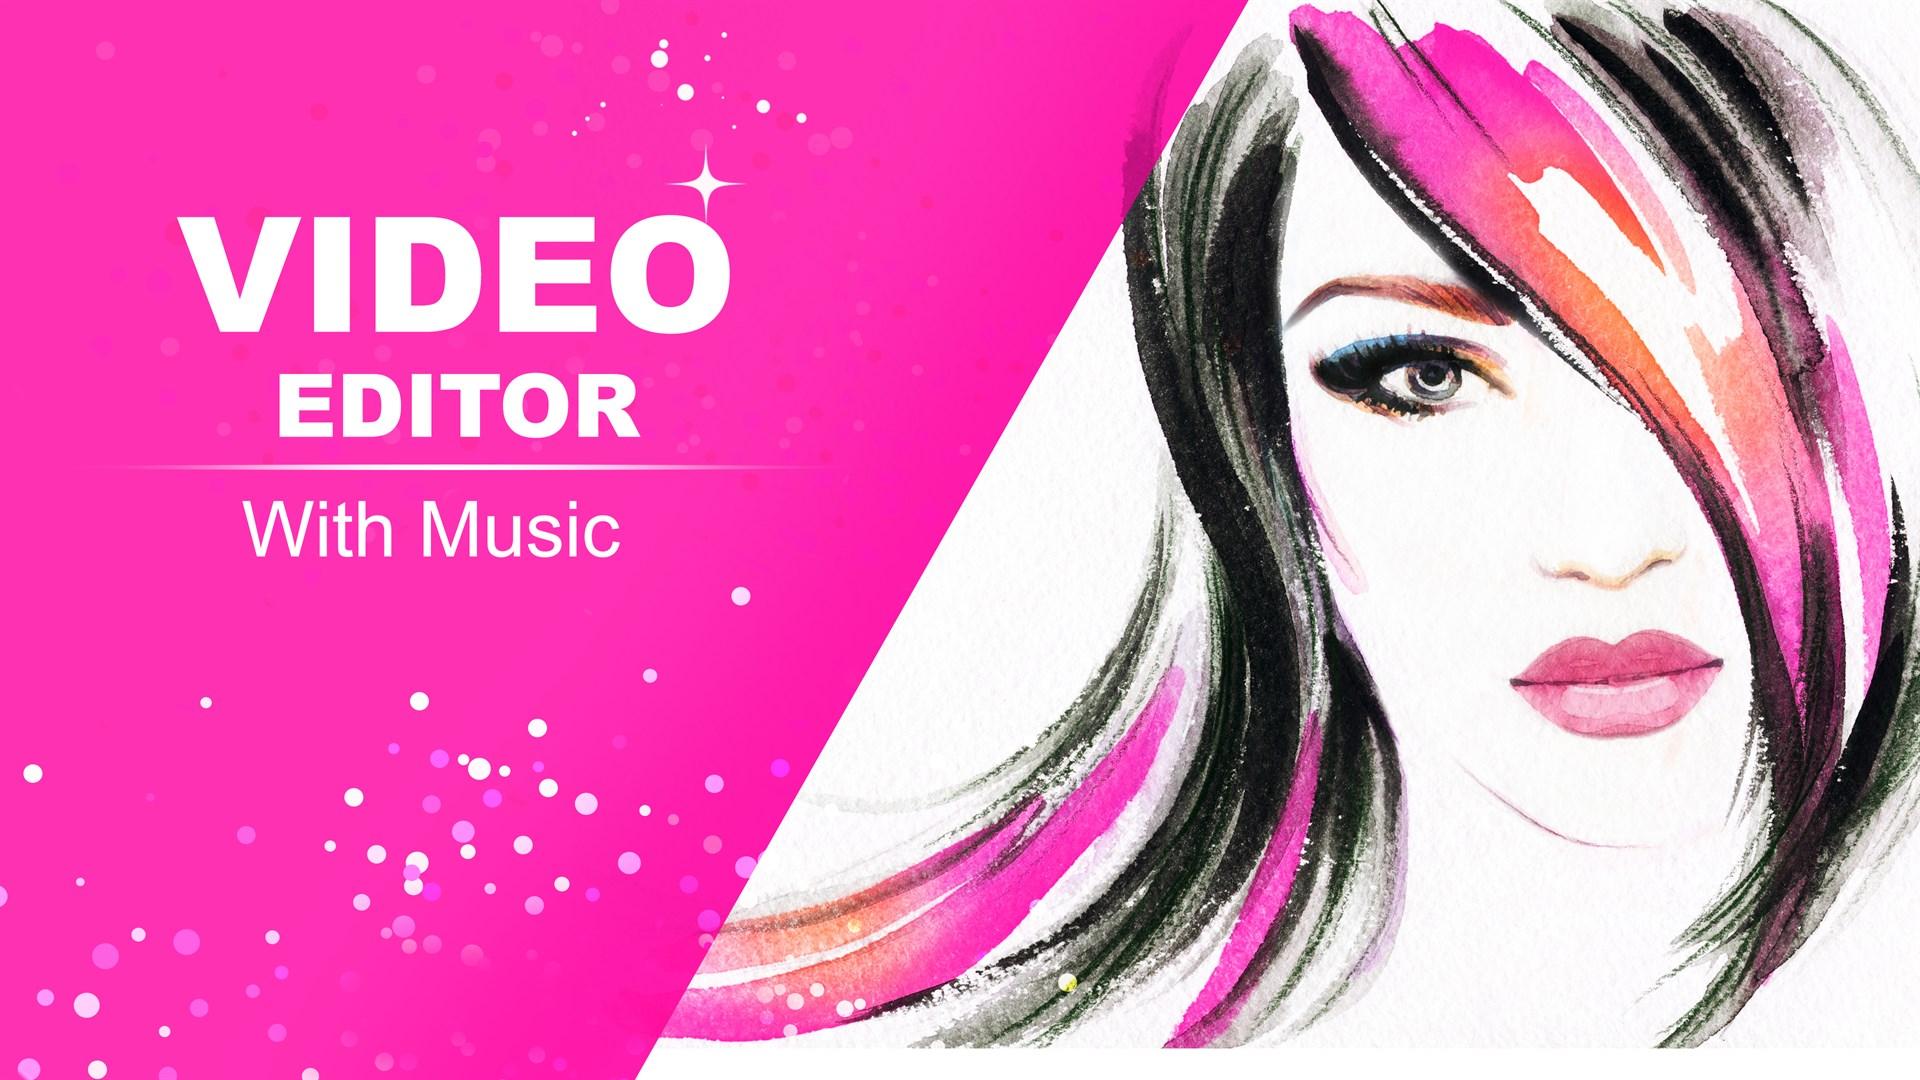 Халява: На PC можно бесплатно скачать программу - Video Editor Music, которая стоила $200